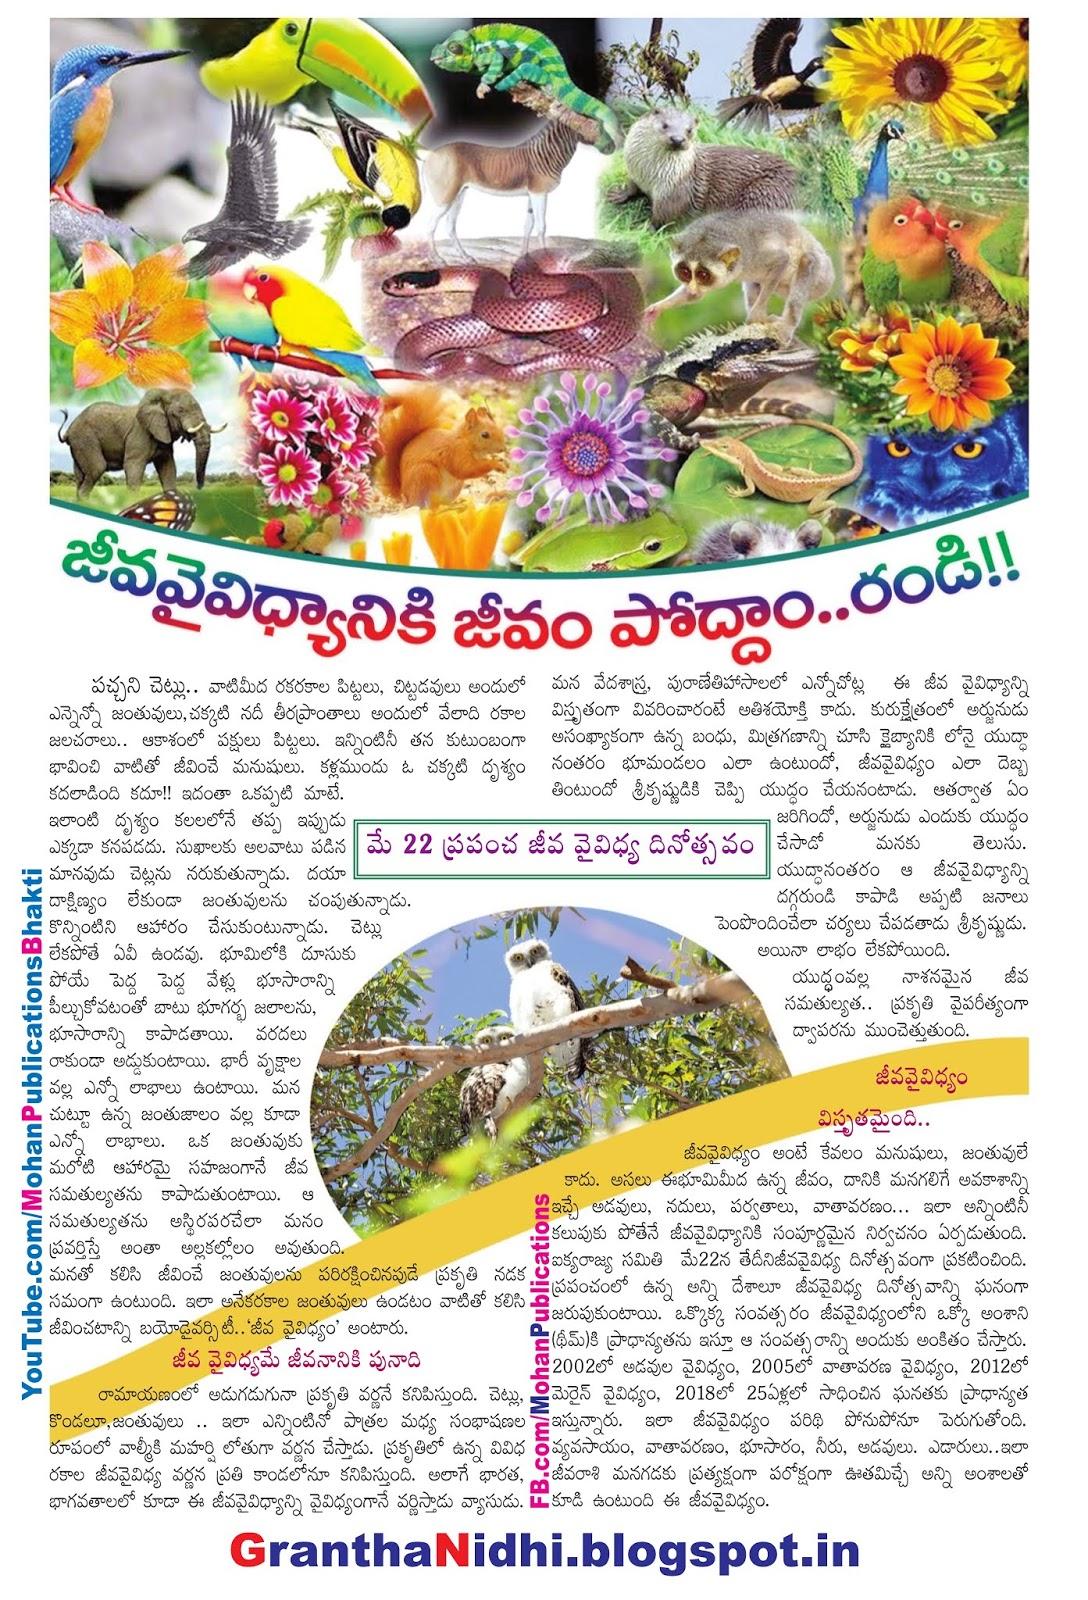 ప్రపంచ జీవవైవిద్య దినోత్సవం   Biological Diversity   GRANTHANIDHI   MOHANPUBLICATIONS biological diversity International Day for Biological  Diversity Biological Diversity Day Publications in Rajahmundry, Books Publisher in Rajahmundry, Popular Publisher in Rajahmundry, BhaktiPustakalu, Makarandam, Bhakthi Pustakalu, JYOTHISA,VASTU,MANTRA, TANTRA,YANTRA,RASIPALITALU, BHAKTI,LEELA,BHAKTHI SONGS, BHAKTHI,LAGNA,PURANA,NOMULU, VRATHAMULU,POOJALU,  KALABHAIRAVAGURU, SAHASRANAMAMULU,KAVACHAMULU, ASHTORAPUJA,KALASAPUJALU, KUJA DOSHA,DASAMAHAVIDYA, SADHANALU,MOHAN PUBLICATIONS, RAJAHMUNDRY BOOK STORE, BOOKS,DEVOTIONAL BOOKS, KALABHAIRAVA GURU,KALABHAIRAVA, RAJAMAHENDRAVARAM,GODAVARI,GOWTHAMI, FORTGATE,KOTAGUMMAM,GODAVARI RAILWAY STATION, PRINT BOOKS,E BOOKS,PDF BOOKS, FREE PDF BOOKS,BHAKTHI MANDARAM,GRANTHANIDHI, GRANDANIDI,GRANDHANIDHI, BHAKTHI PUSTHAKALU, BHAKTI PUSTHAKALU, BHAKTHI